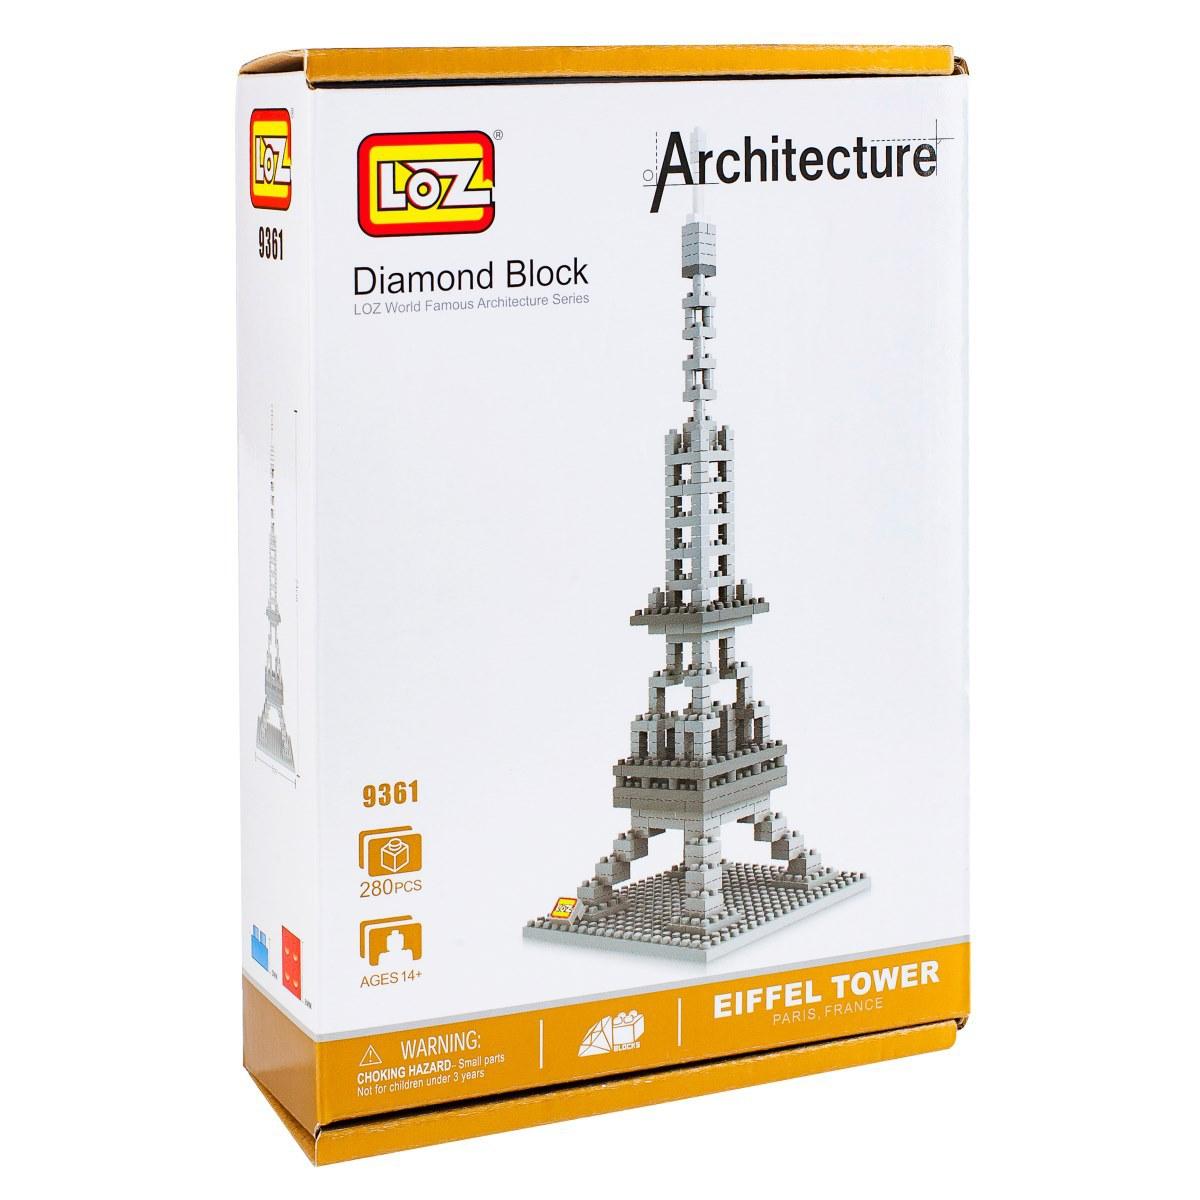 Loz Конструктор Эйфелева башня9361Конструктор Loz. Серия: Архитектура. Эйфелева башня. Конструктор серии Архитектура собирается из модных в последнее время нано-блоков, что позволяет придать конечной модели максимально приближенный к оригиналу вид. Собирая башню, ребенок будет развивать внимательность, усидчивость, логику и пространственное воображение. А собранная модель станет отличном украшением детской. Для детей от 9 лет. В набор входит 280 деталей конструктора и подробная инструкция.